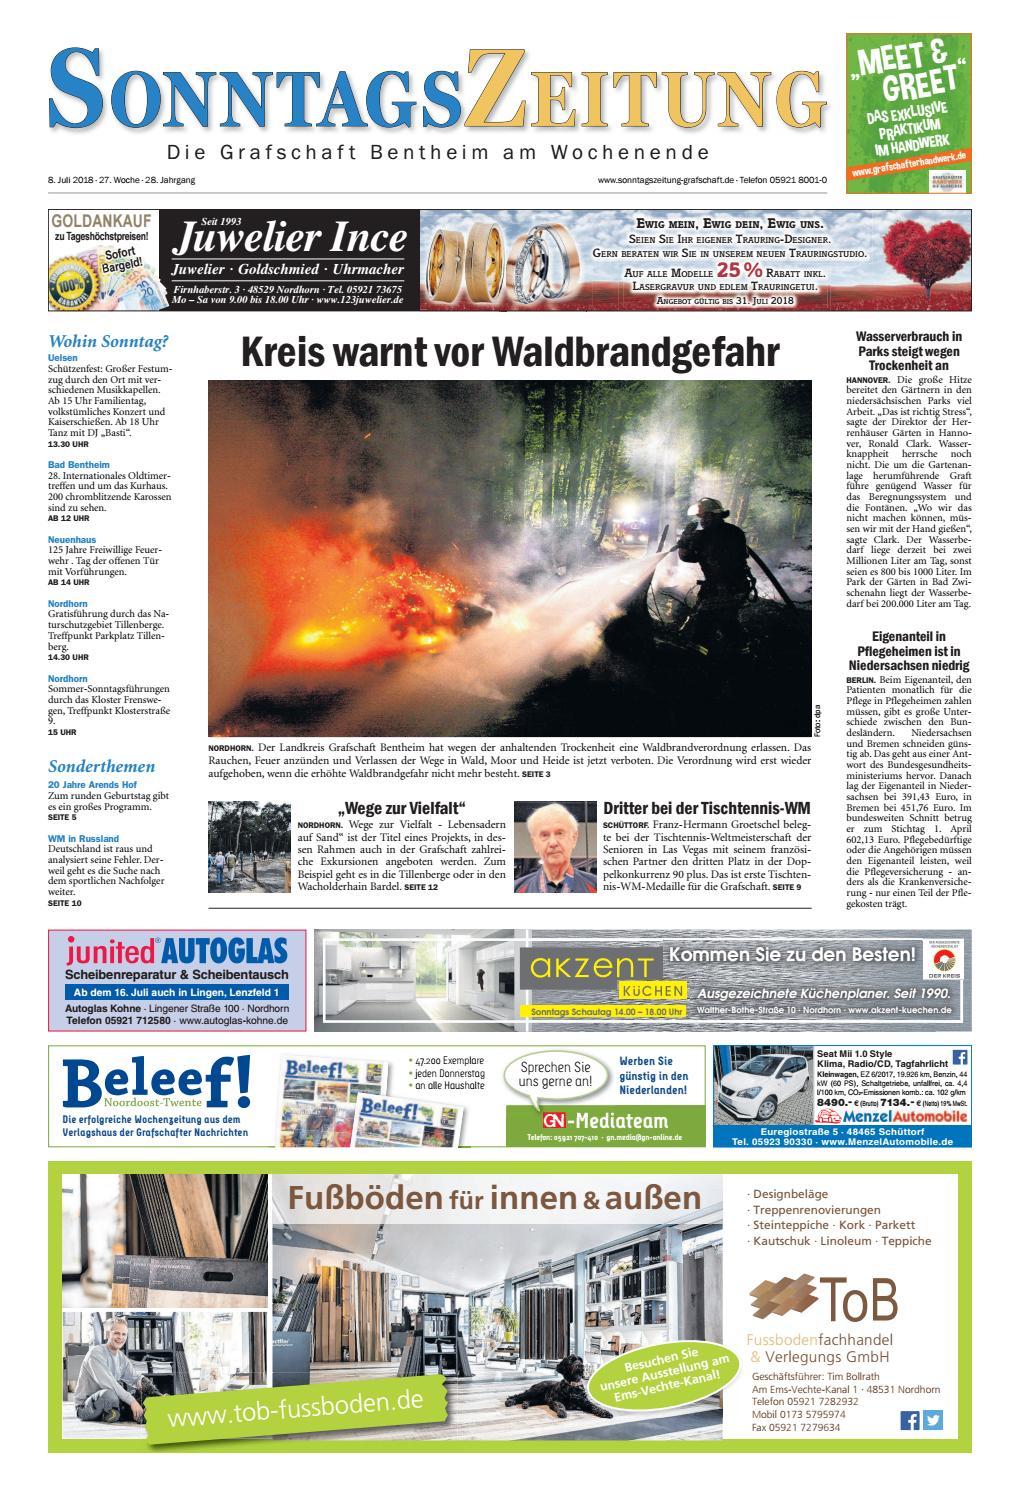 Sonntagszeitung08 07 2018 By Grafschafter Nachrichten Issuu